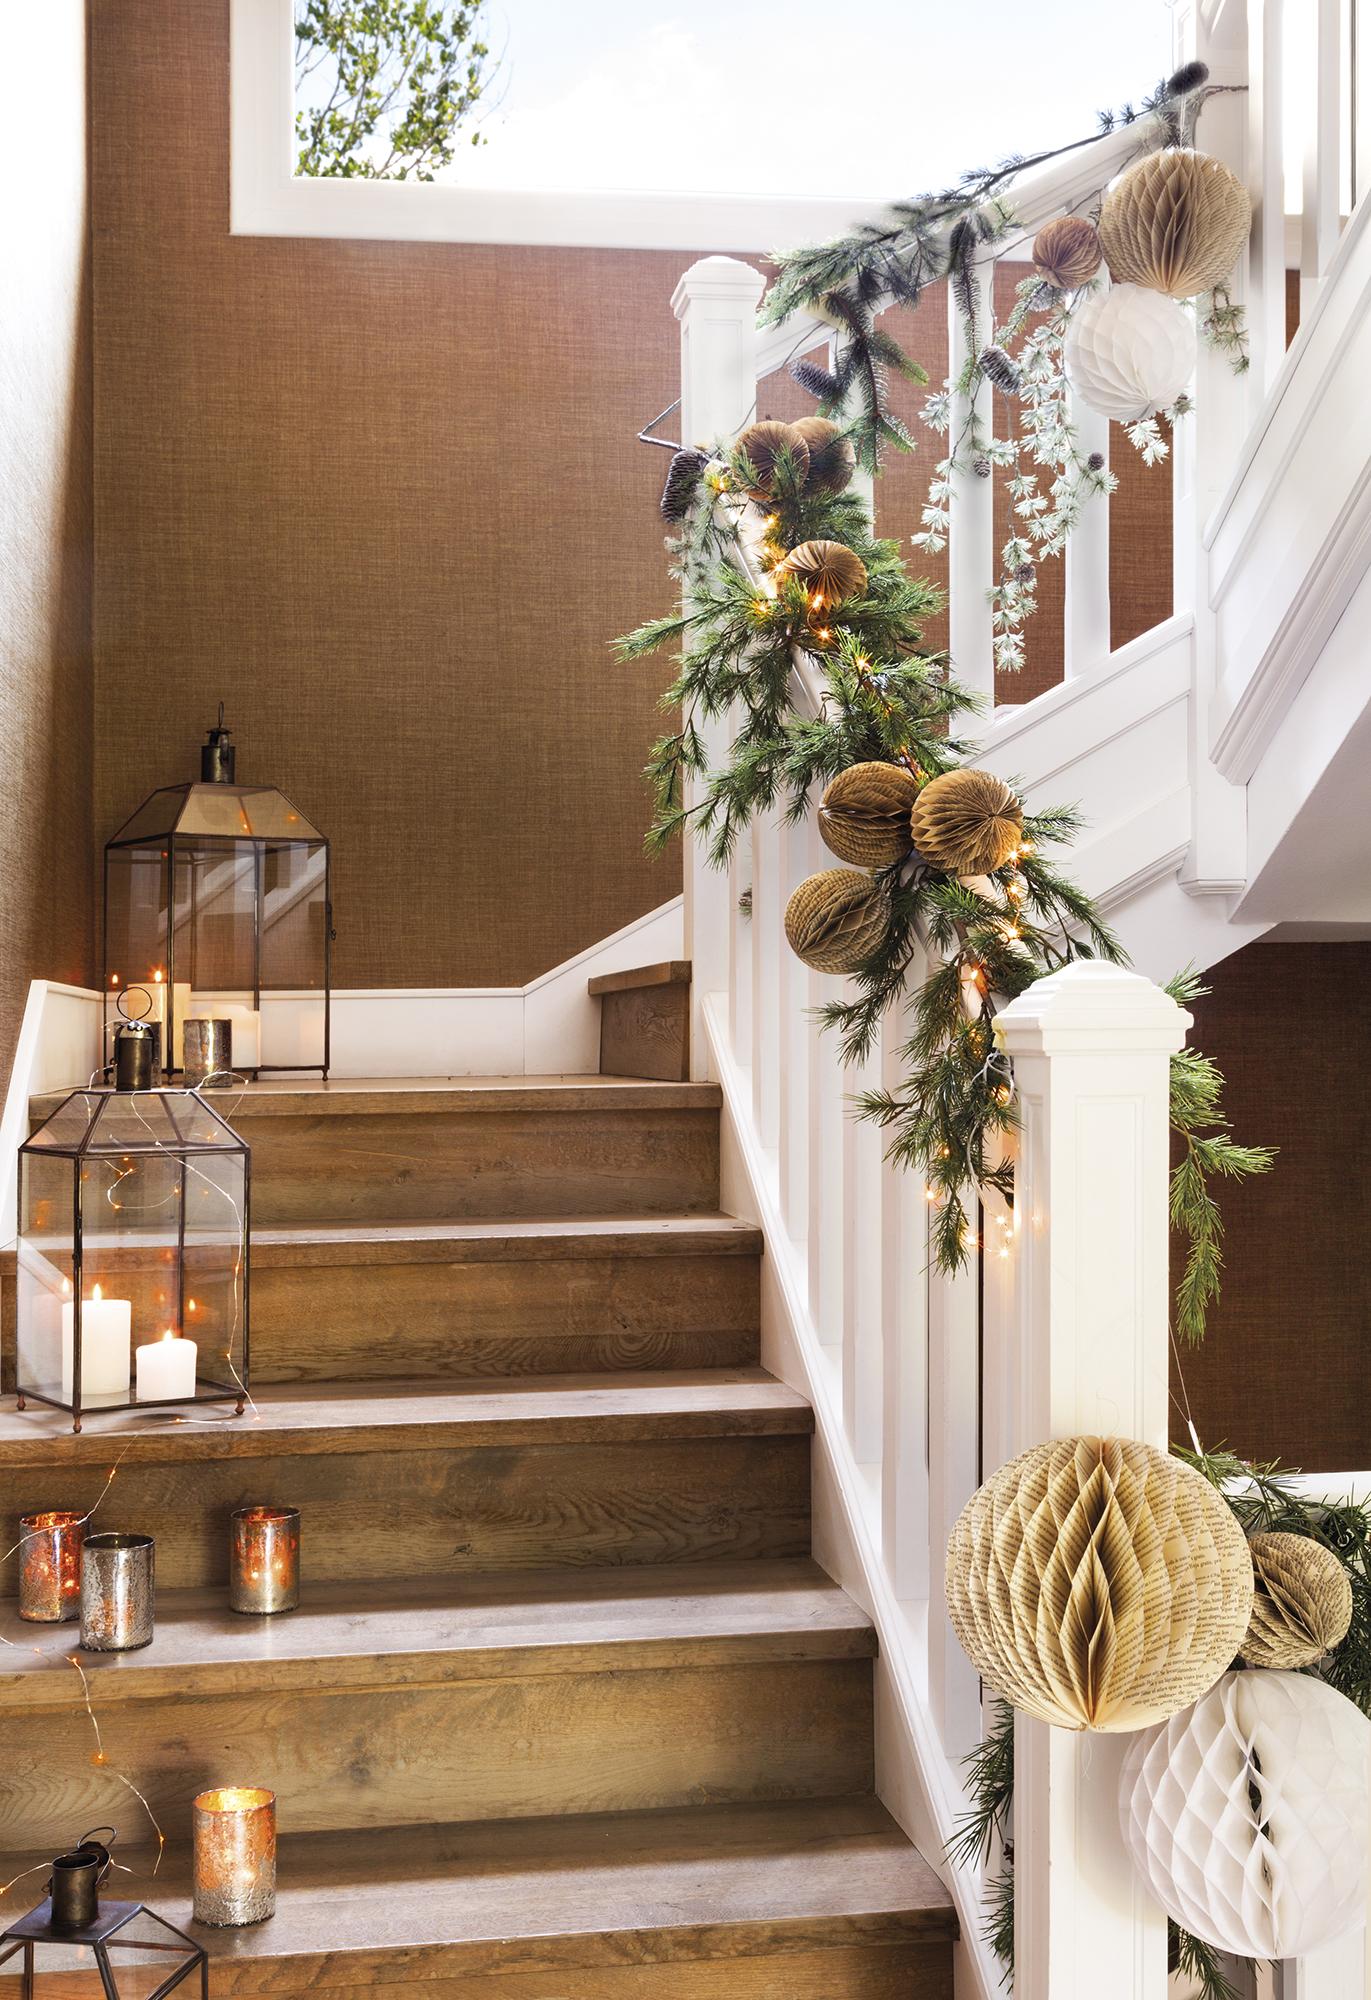 H8B6898a. escalera decorada con guirnaldas y farolillos de navidad